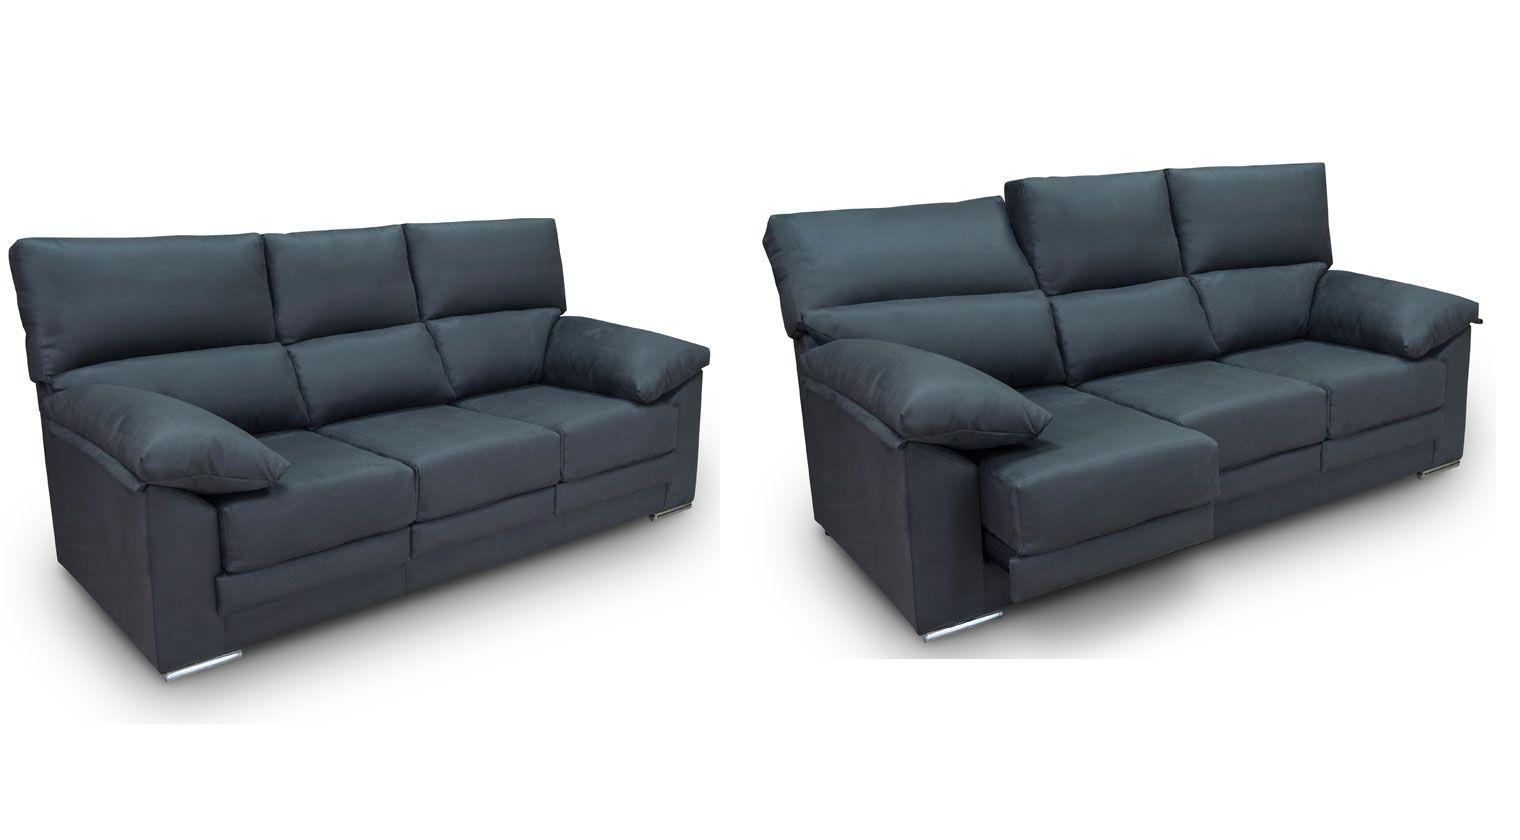 Comprar sof tela elgon conjunto sofas 3 2 plazas tejido for Sofas baratos asturias